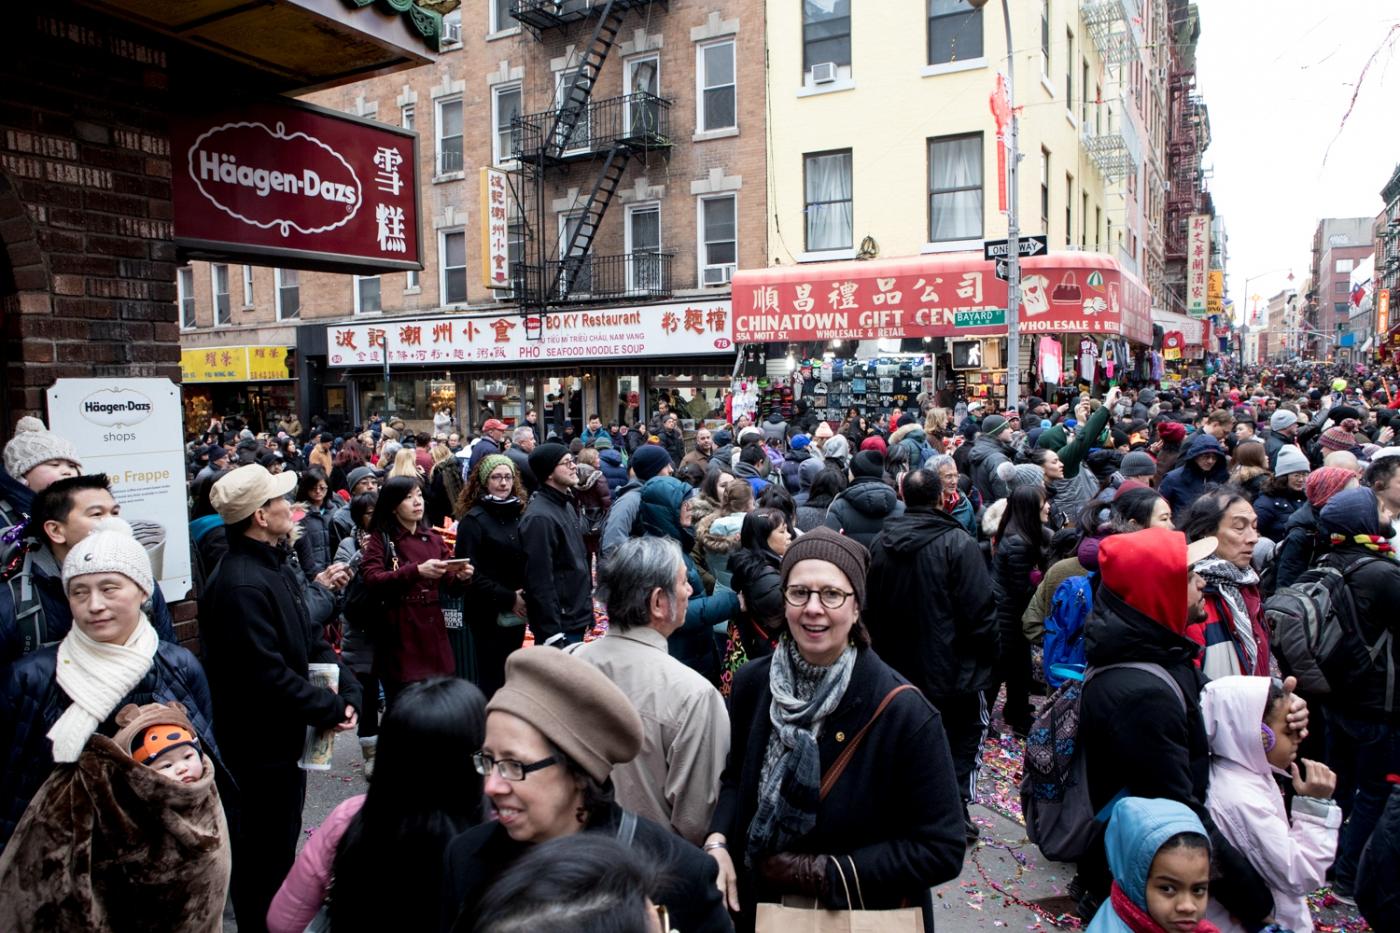 美國春節好熱鬧    ----紐約曼哈頓唐人街大年初一 20170128_图1-39